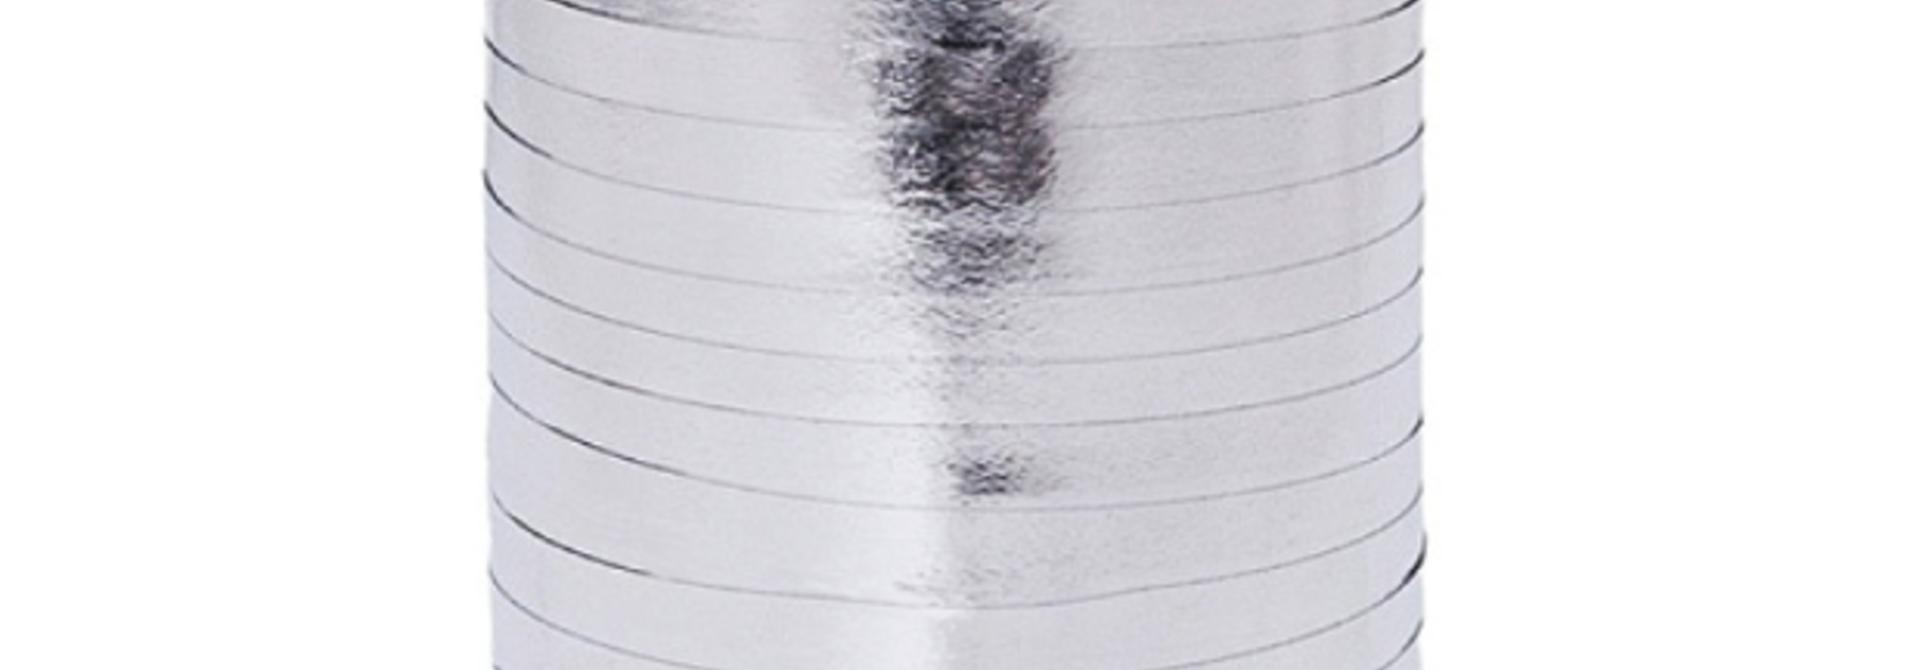 Ballonlint zilver 5 mm (225 m)